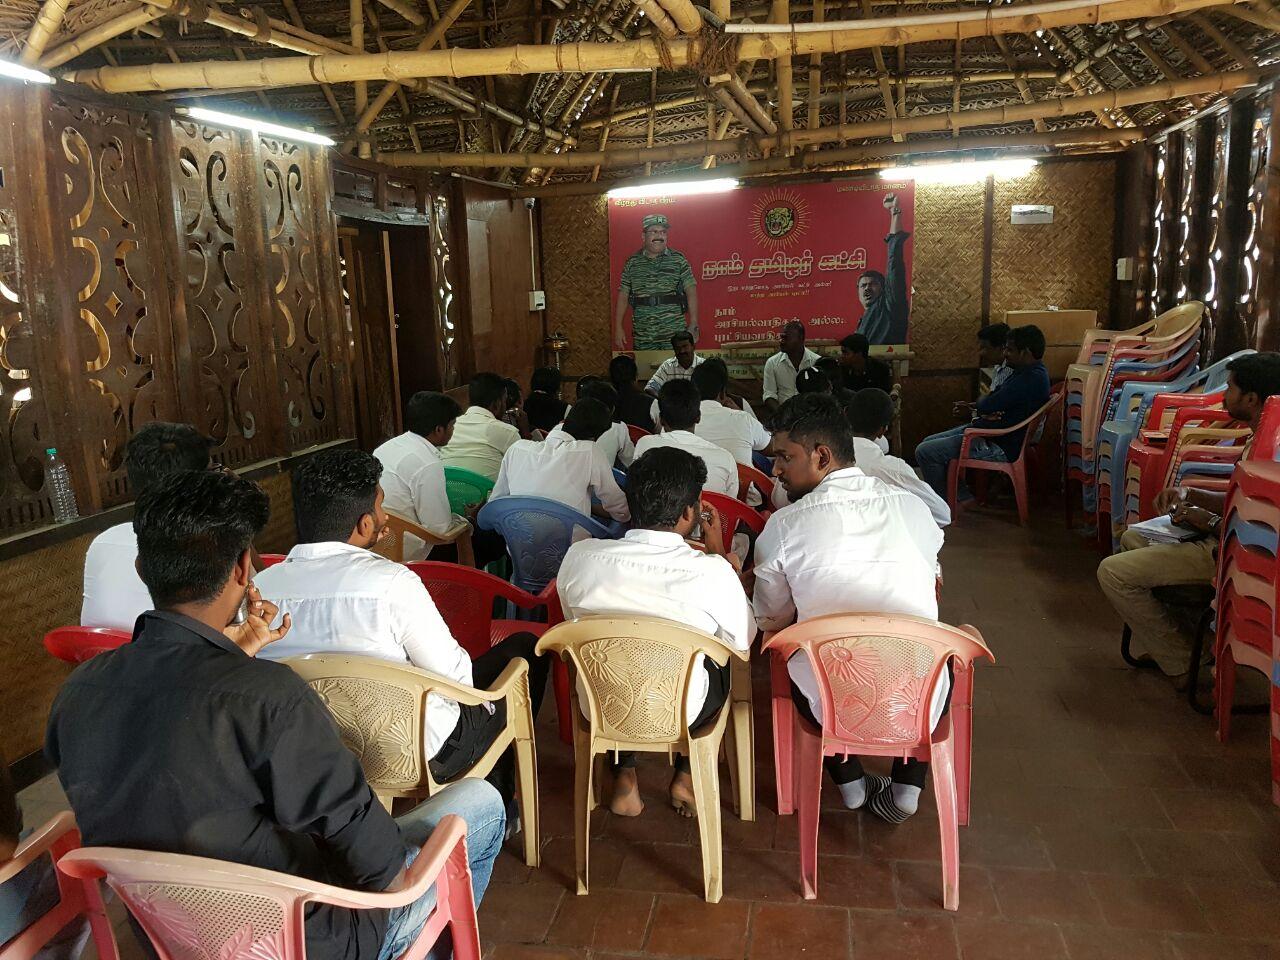 சென்னை சட்டக்கல்லூரி மாணவர்கள் 20 பேர் சீமானுடன் சந்திப்பு chennai law college students meet naam tamilar seeman3